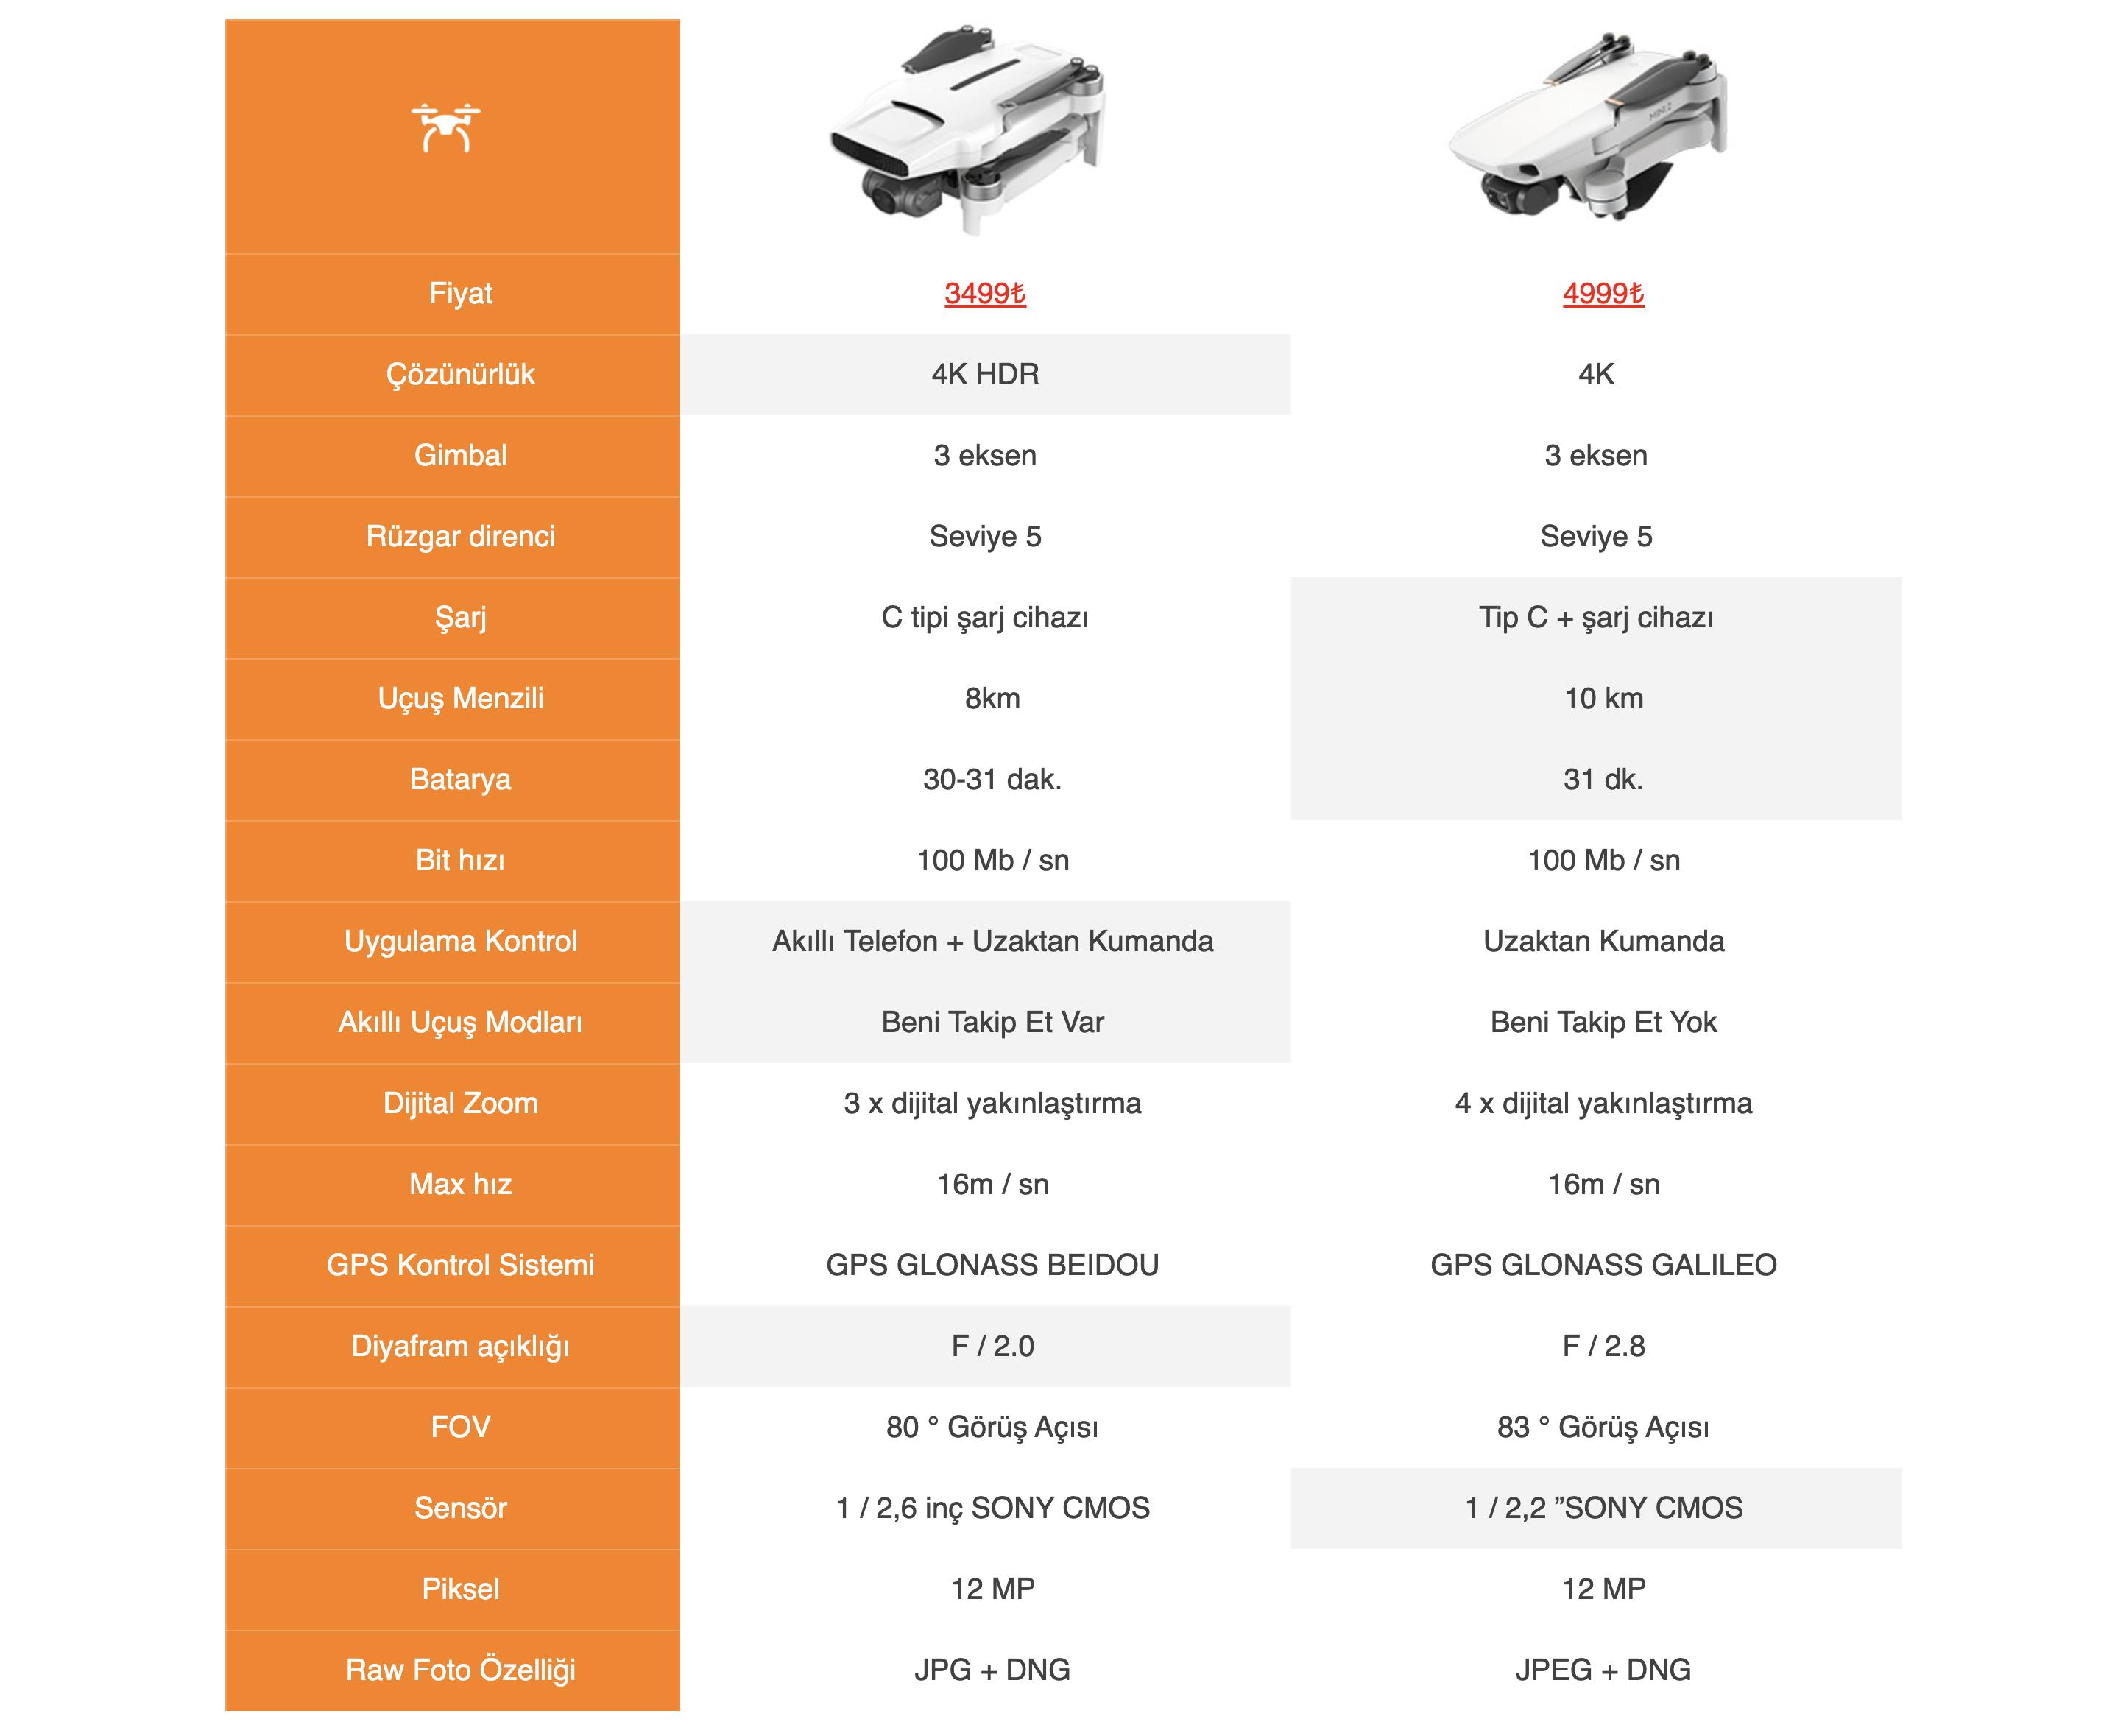 Fimi X8 Mini Teknik Özellikler - DJI Mini 2 Teknik Özellikler